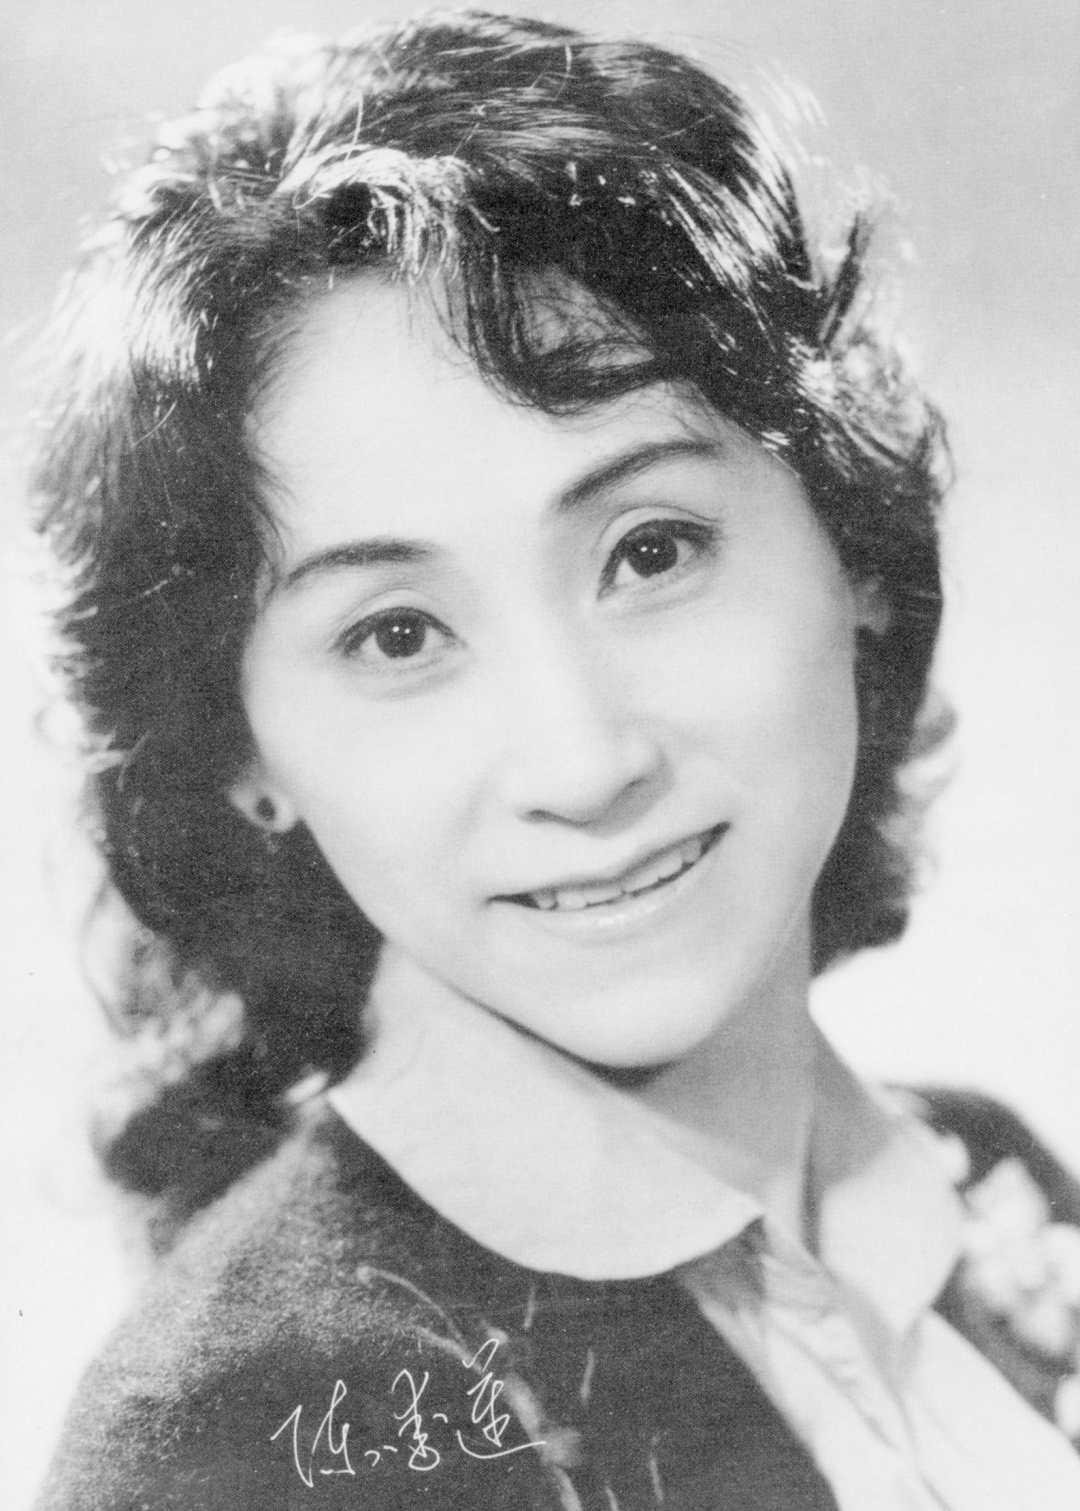 著名舞蹈家陈爱莲因病离世,曾主演舞剧《白毛